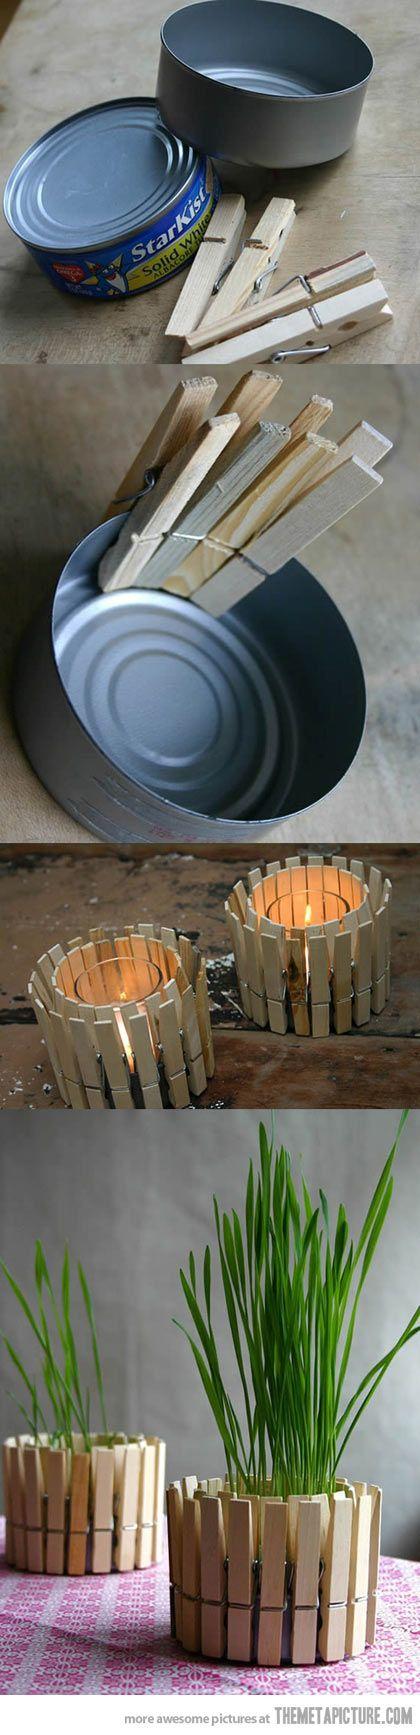 Centro de mesa = velas, lata de algun embutido vacia, ganchos para guindar ropa. Lo demas es creatividad